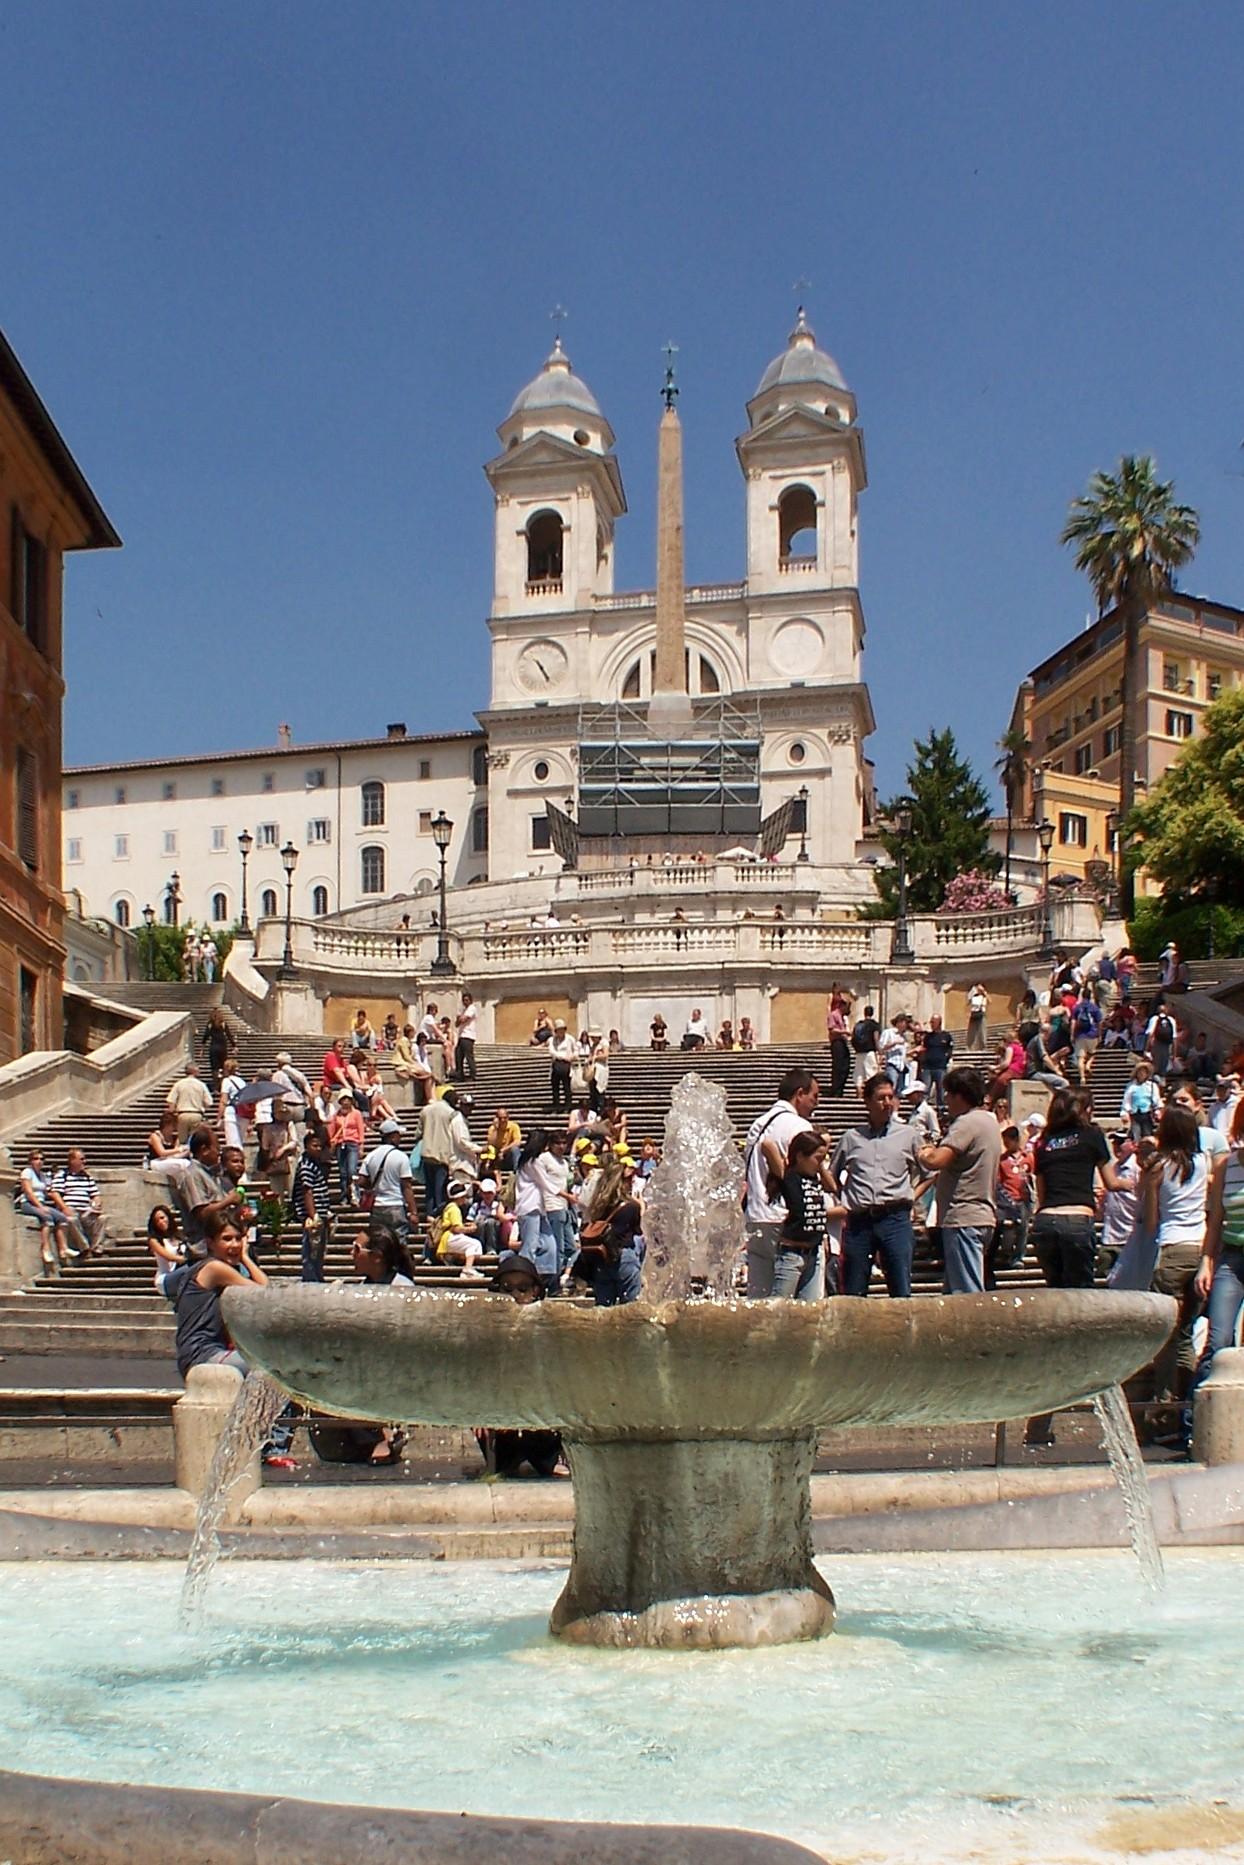 A szökőkút, a lépcső és a templom az obeliszkkel (Forrás: www.upload.wikimedia.org/wikipedia/commons/4/42/Rom_Spanish_Steps_BW_1.JPG